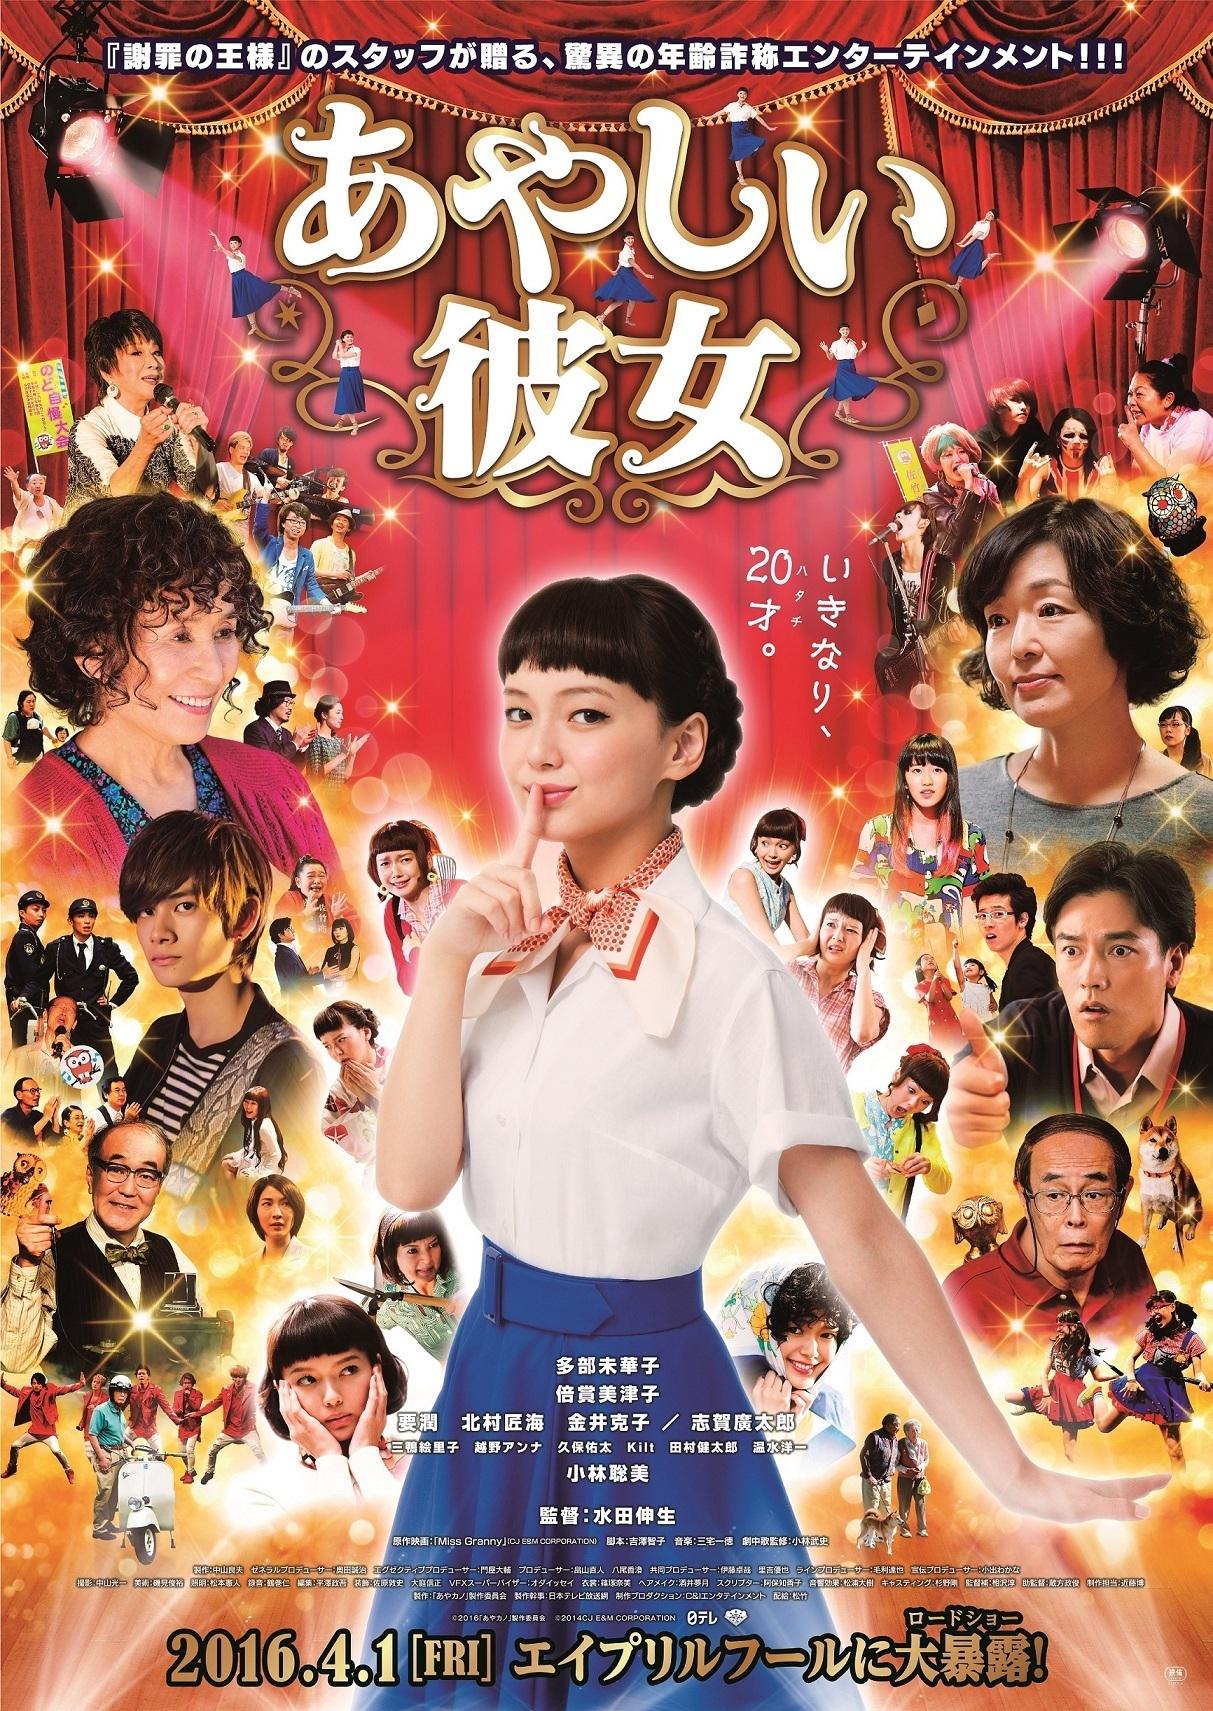 映画『あやしい彼女』 ©2016「あやカノ」製作委員会 ©2014 CJ E&M CORPORATION